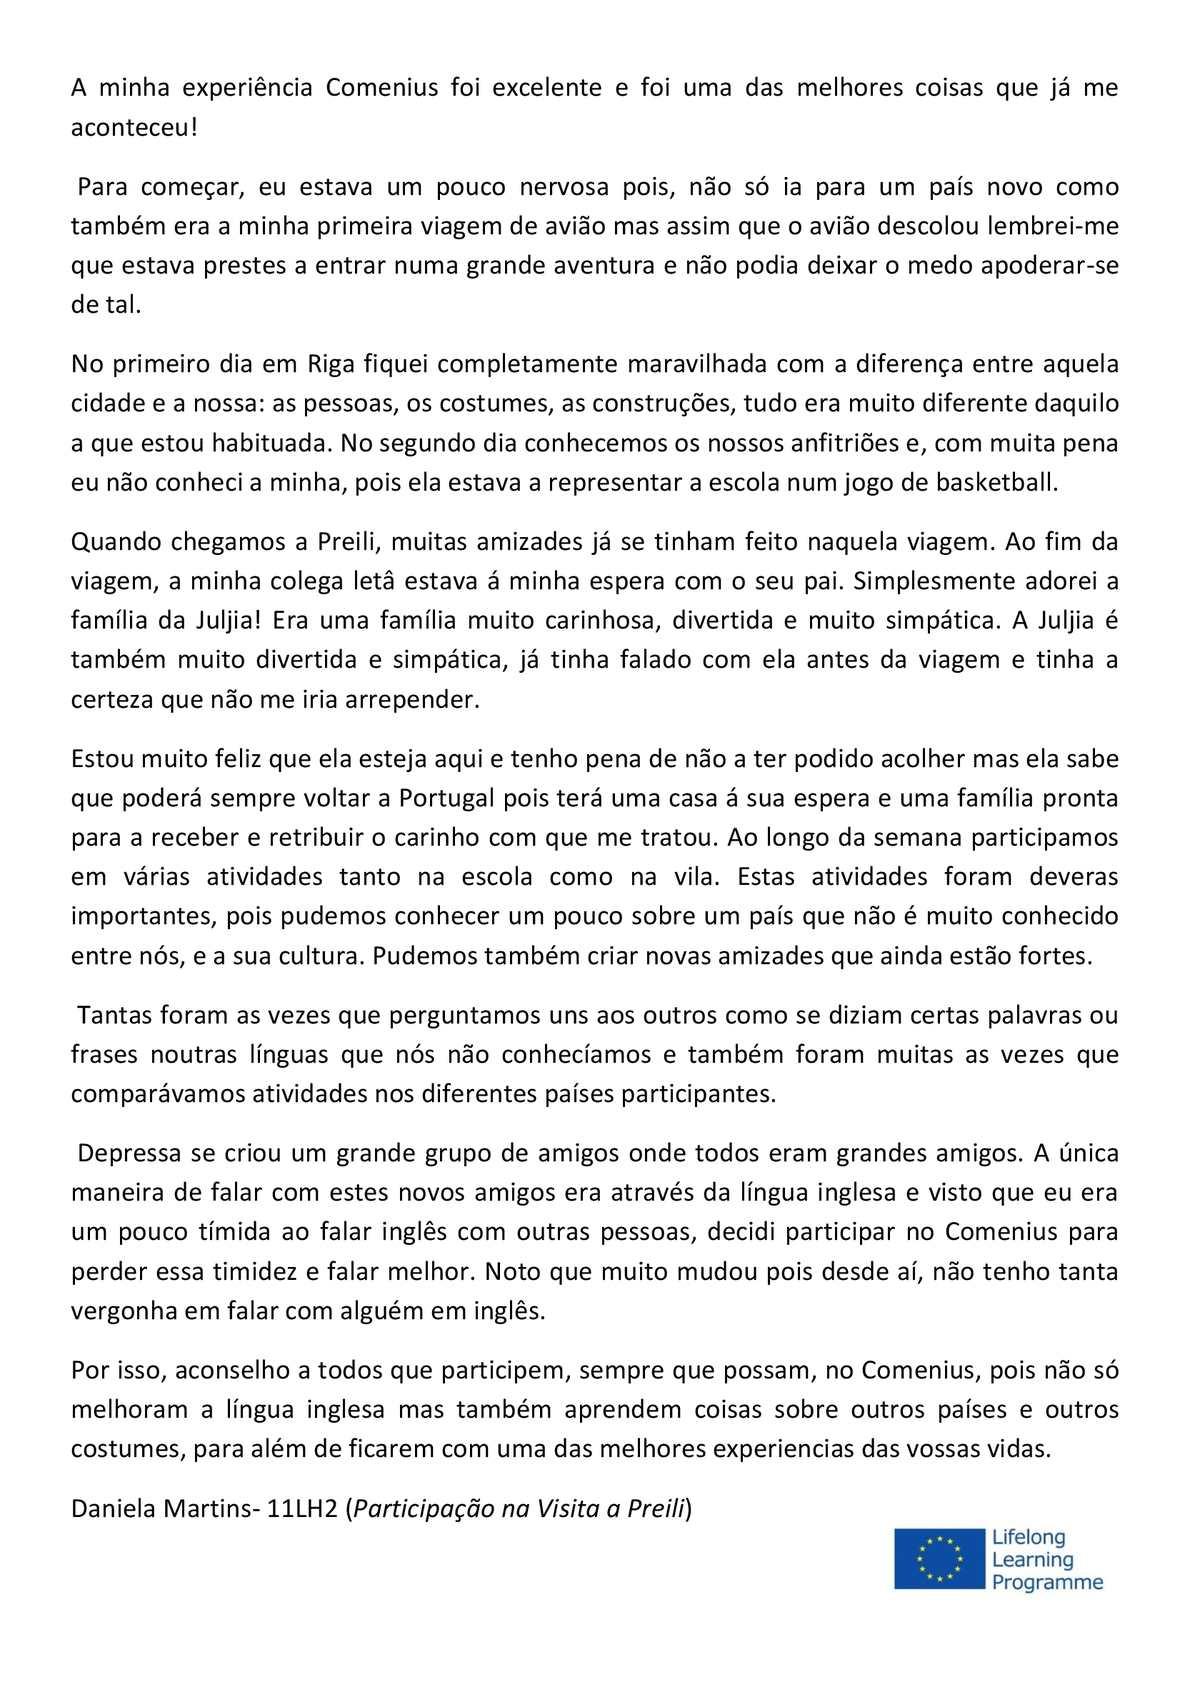 Calaméo Experiência Comenius Em Preili Daniela Martins